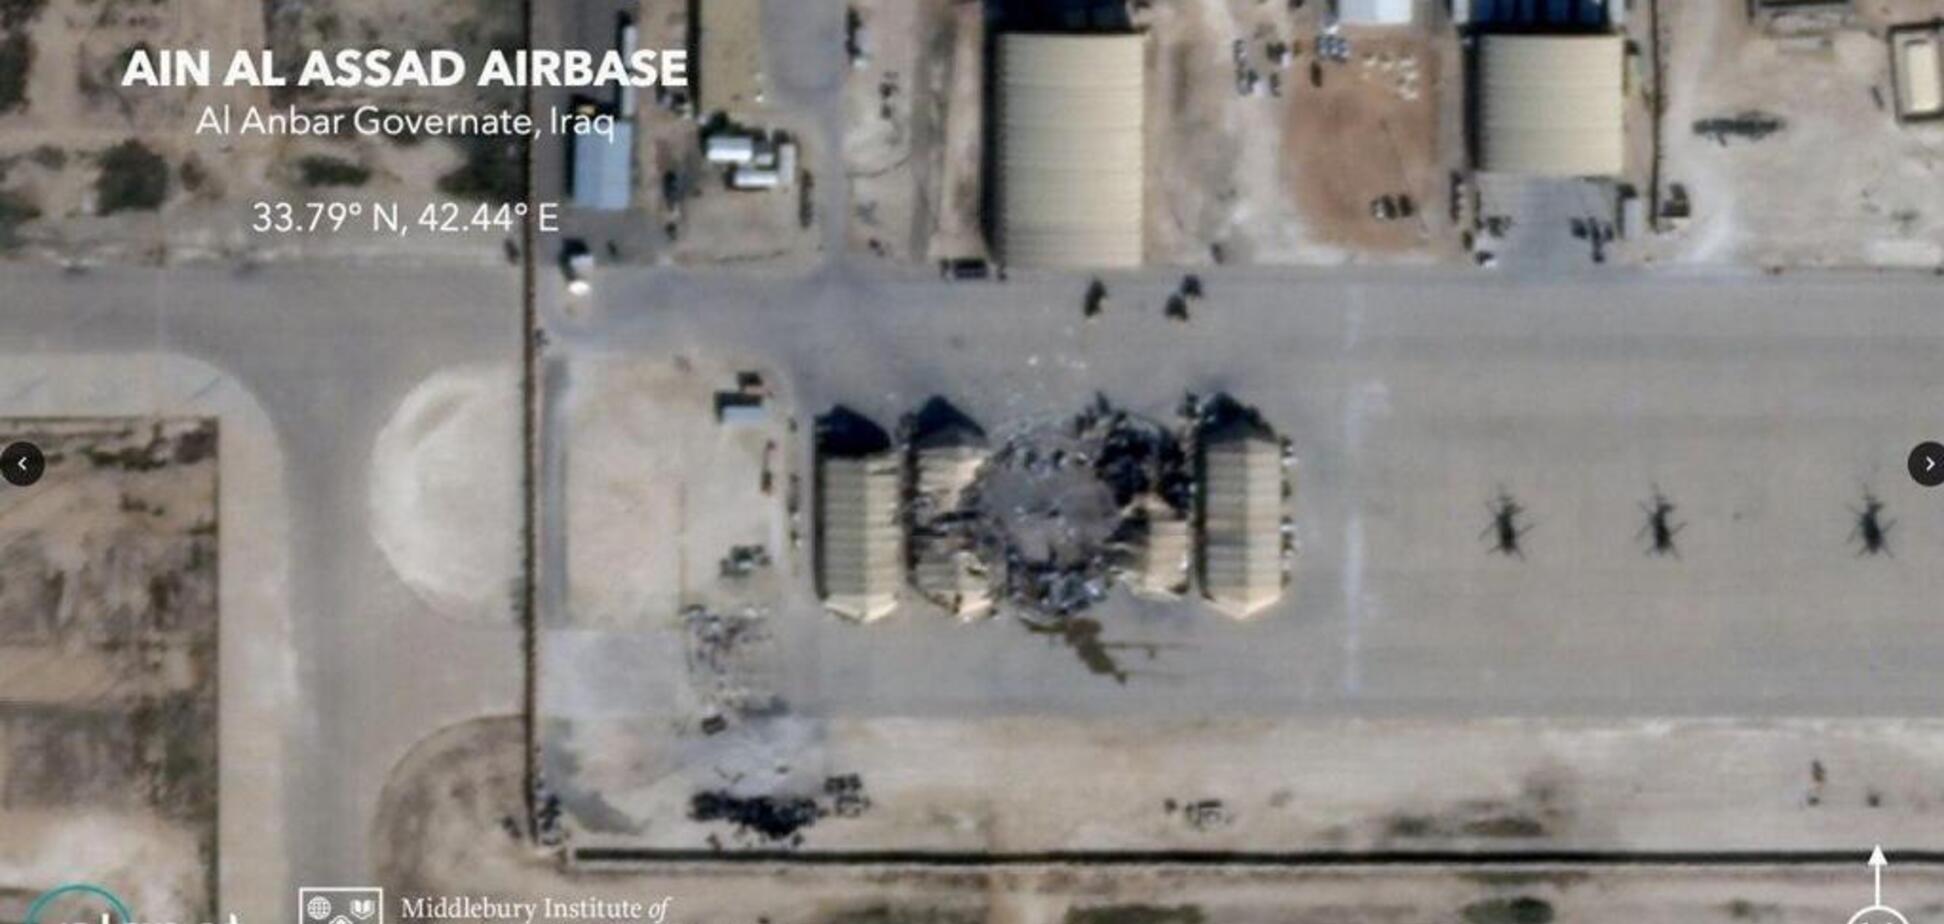 Иран предупреждал США: всплыли резонансные данные об авиаударе